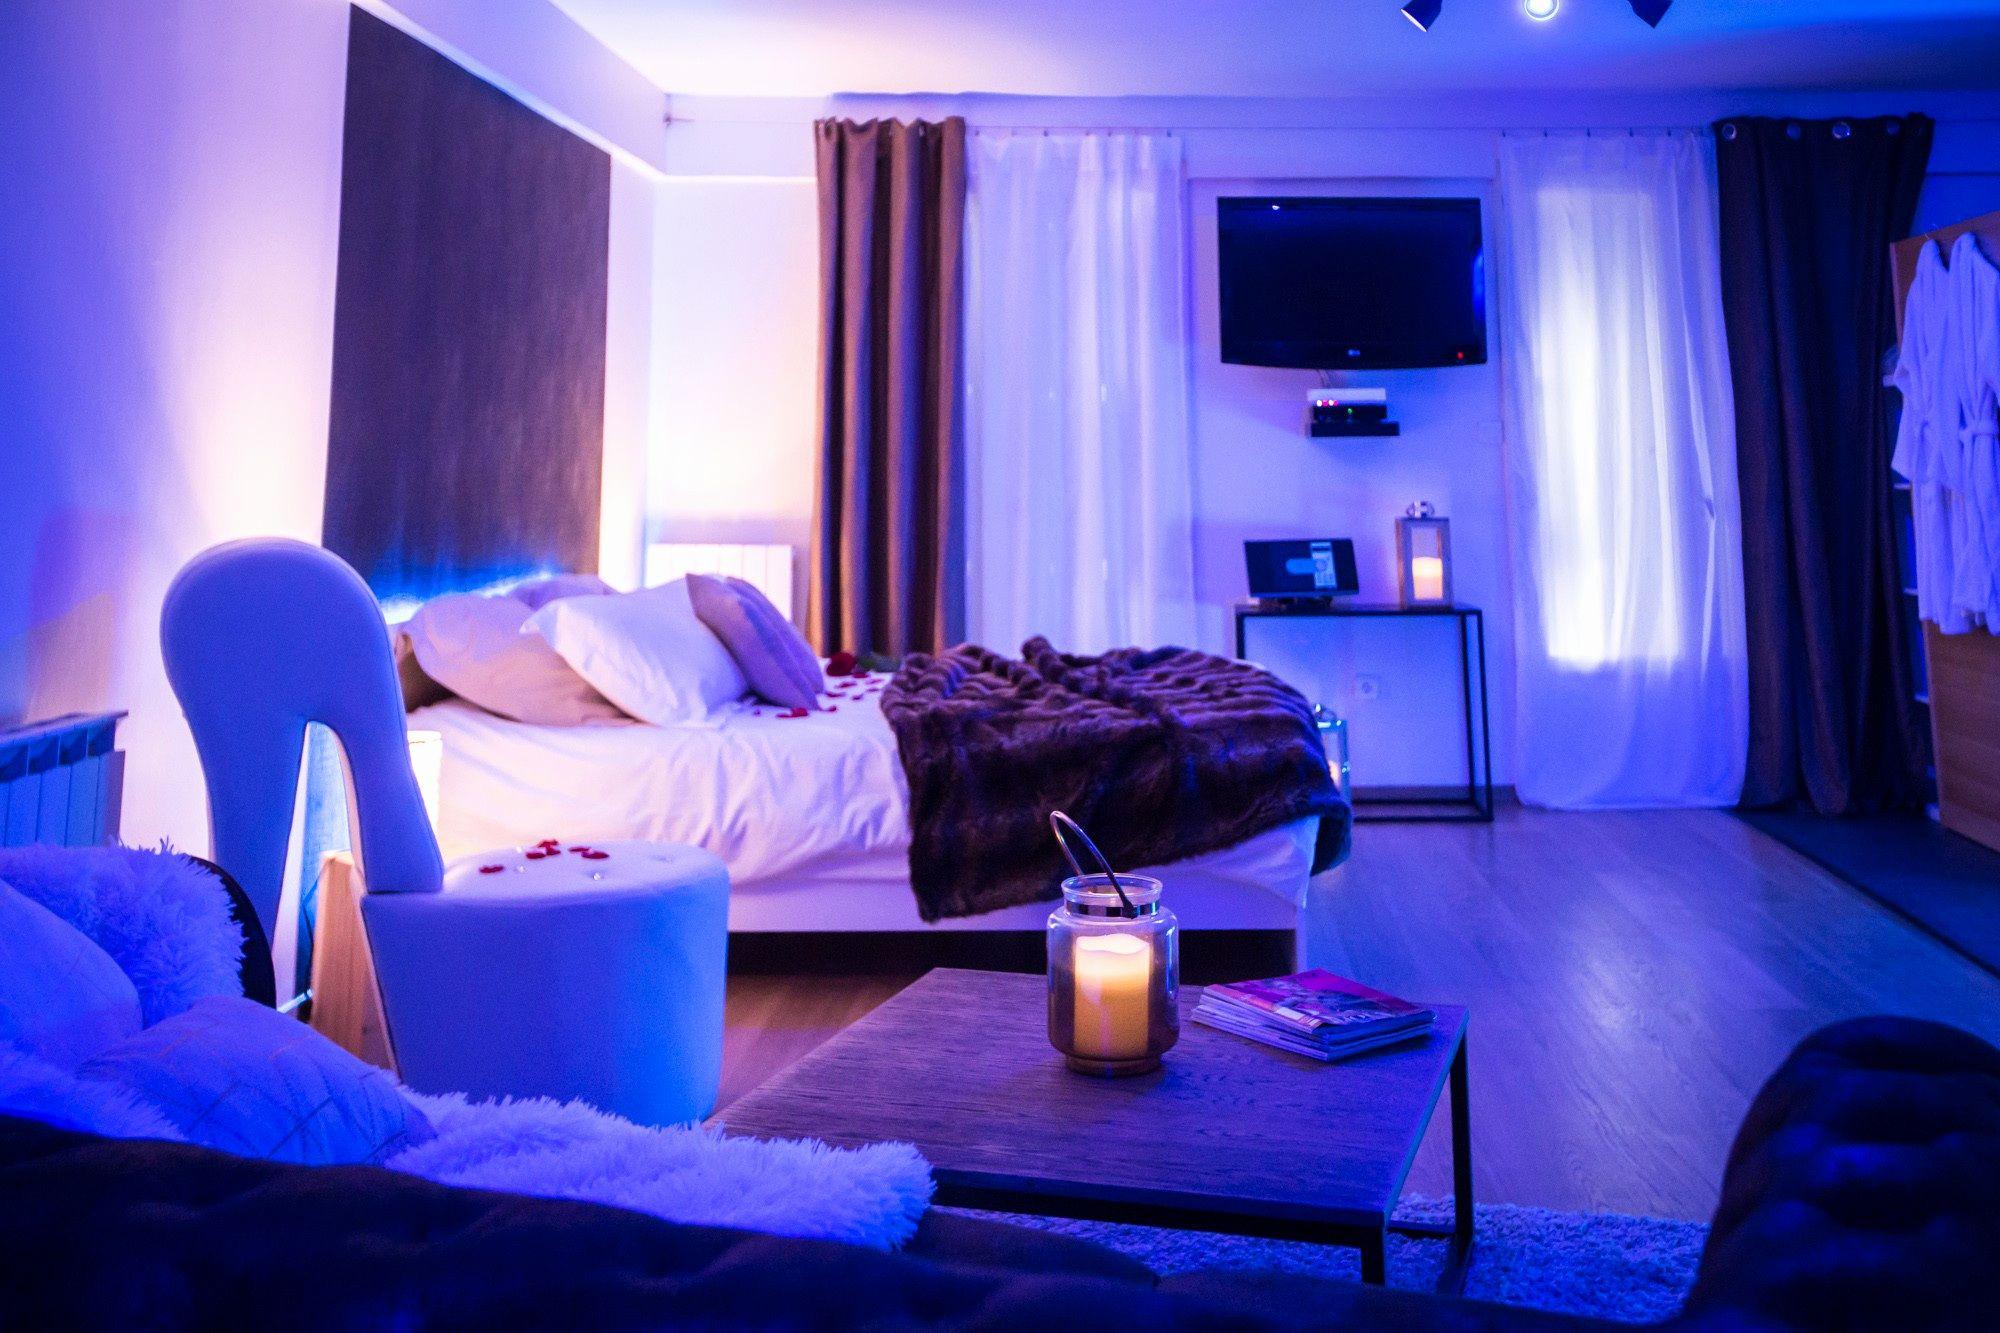 20 Hotel Avec Jacuzzi Dans La Chambre Lyon Check More At Https Leonstafford Com Hotel Avec Jacuzzi Dans La Chambre Lyon Home Decor Hotel Jacuzzi